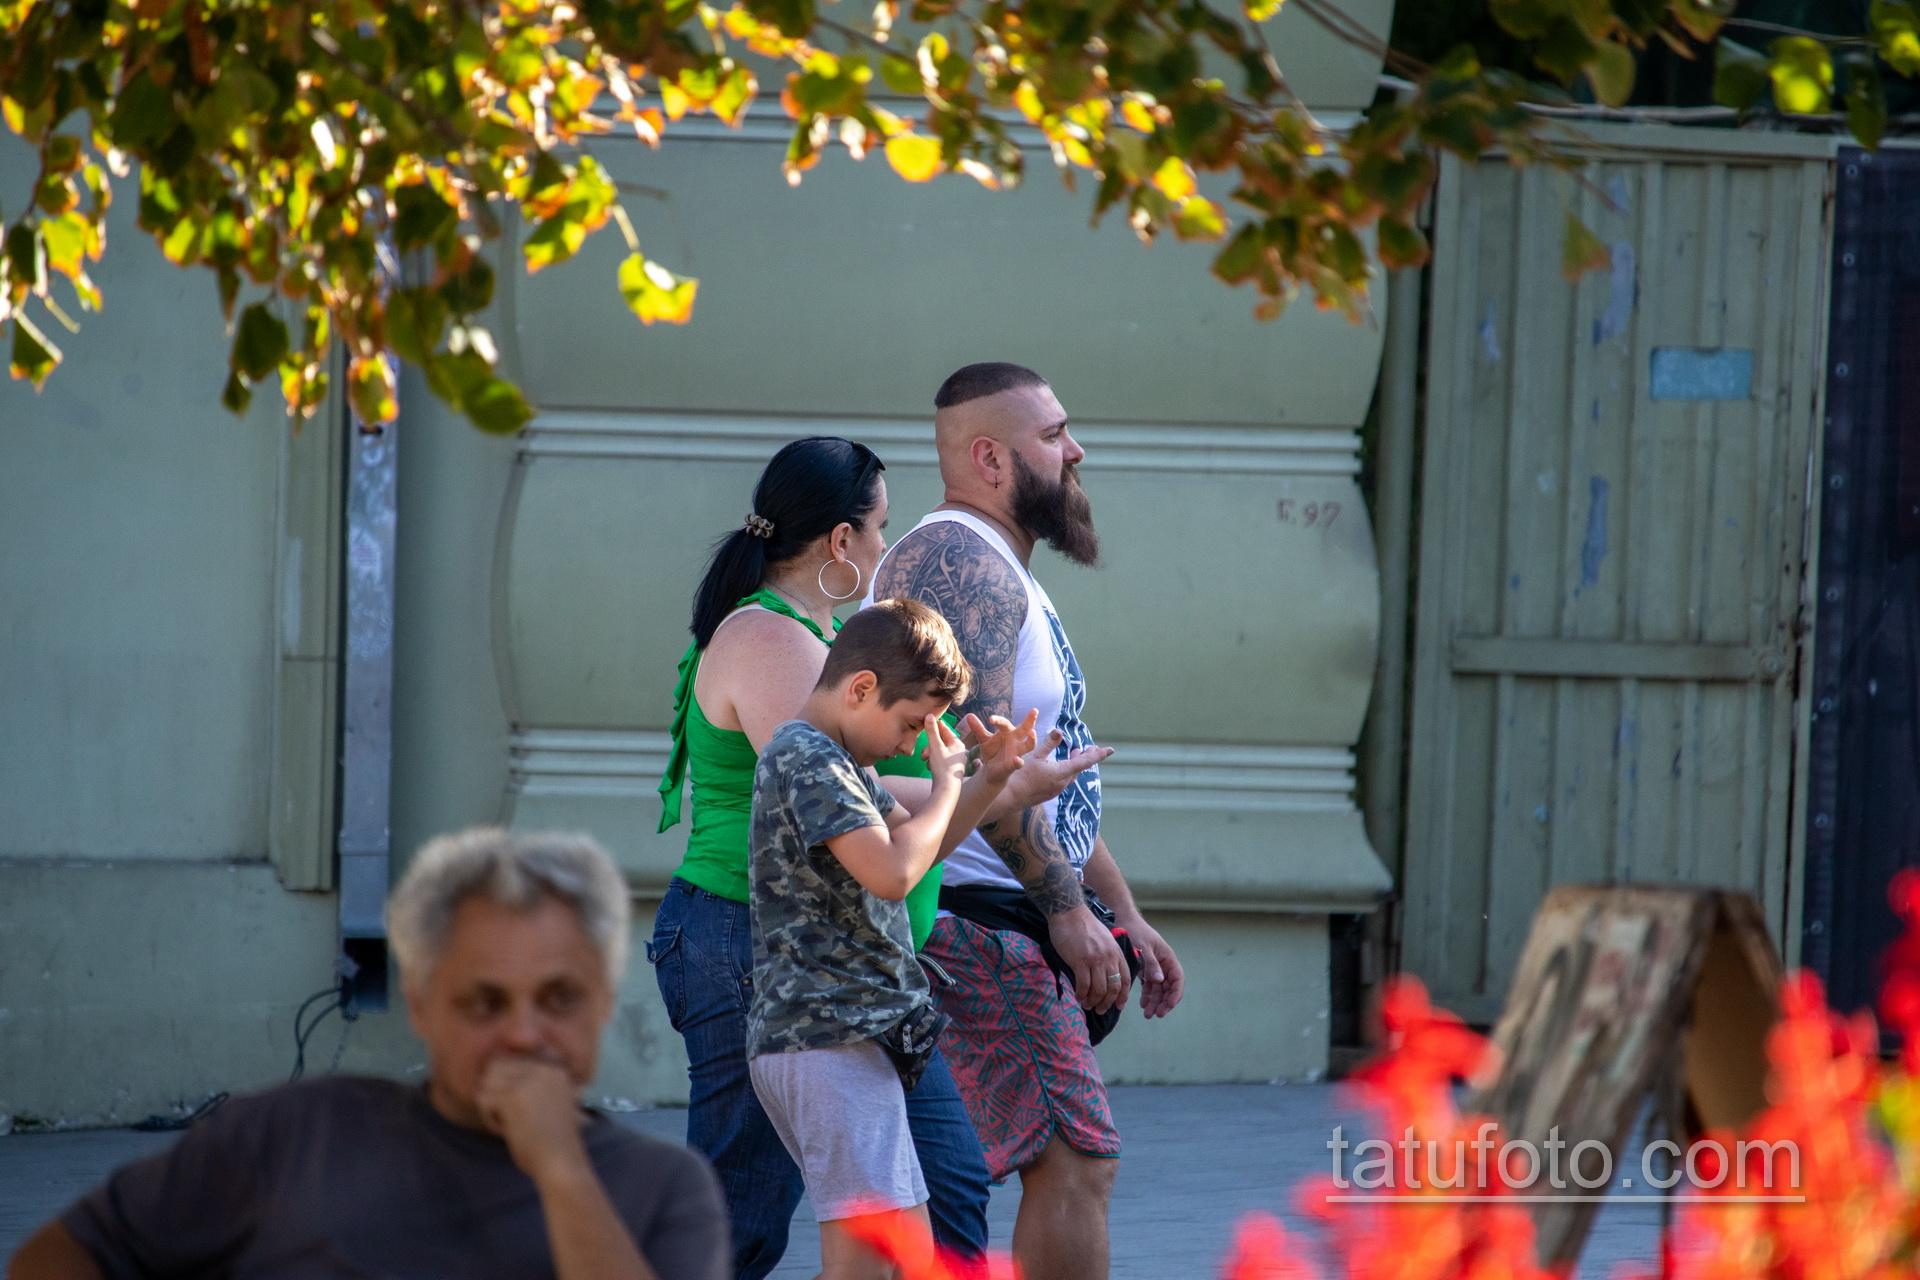 Татуировка с узорами и воином викингом на руке крупного бородатого мужчины – Уличная татуировка 14.09.2020 – tatufoto.com 5